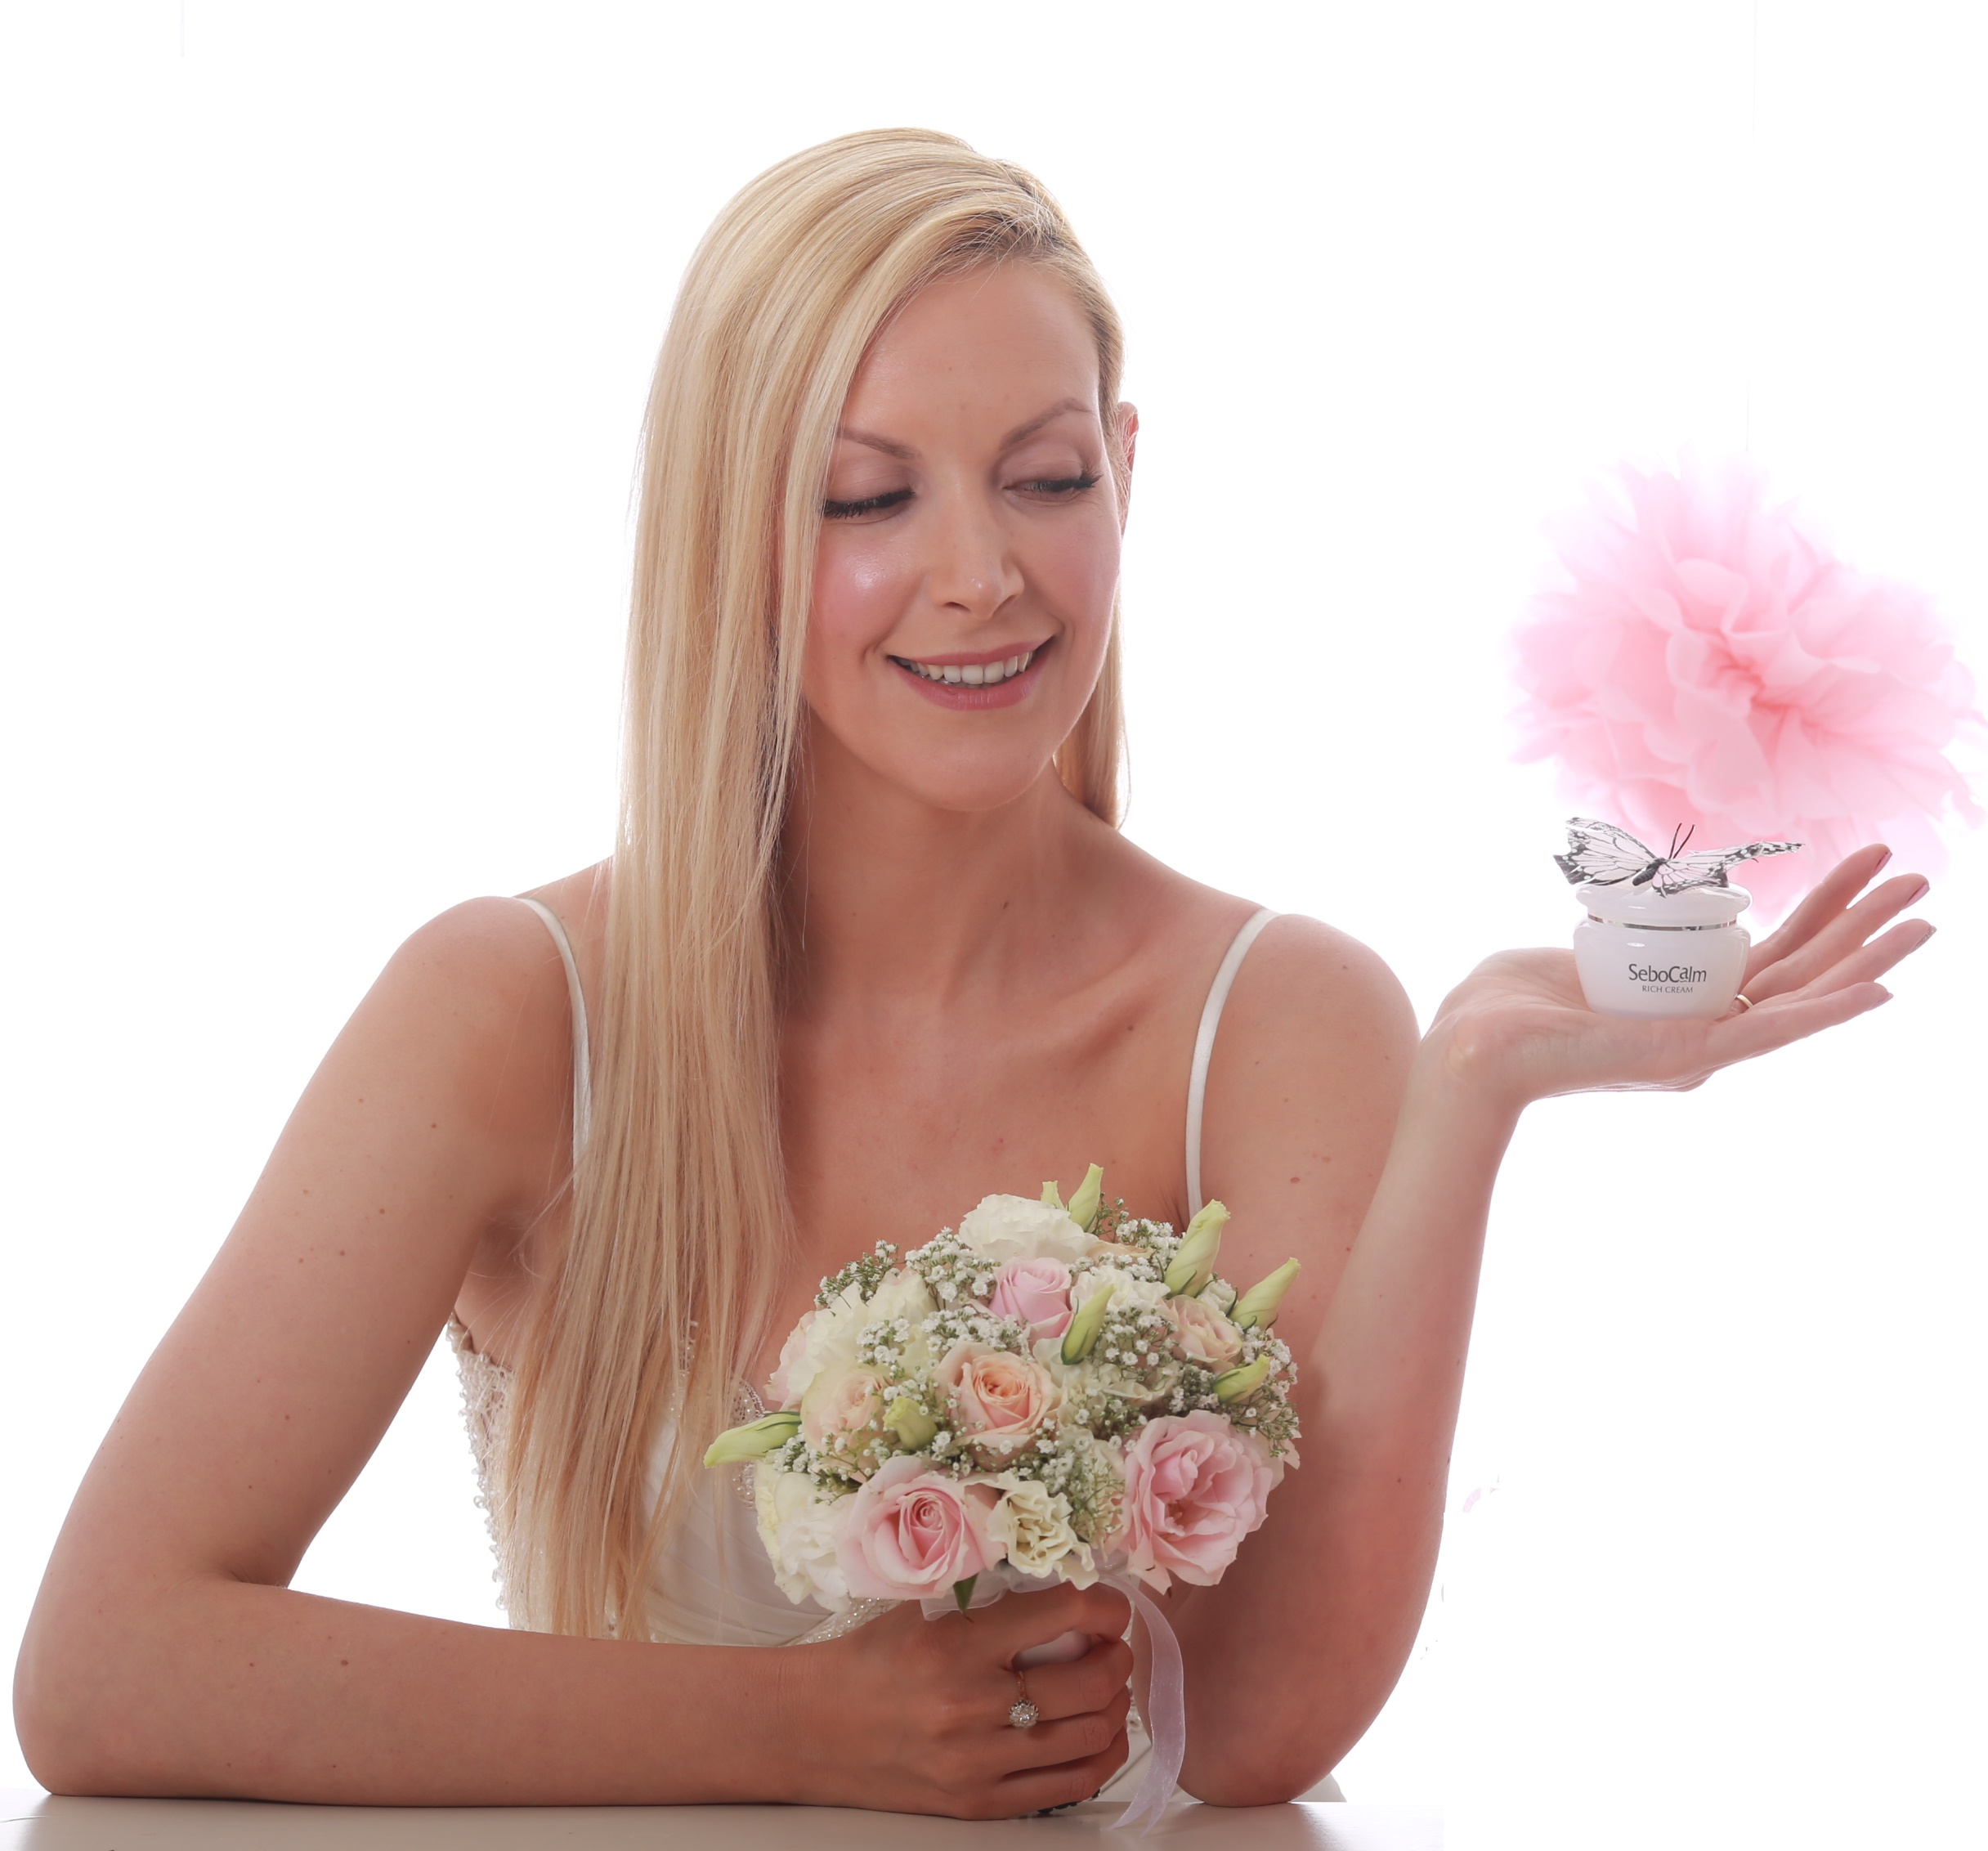 Календарь невесты 2016: бьюти-план красоты и сияния в день свадьбы